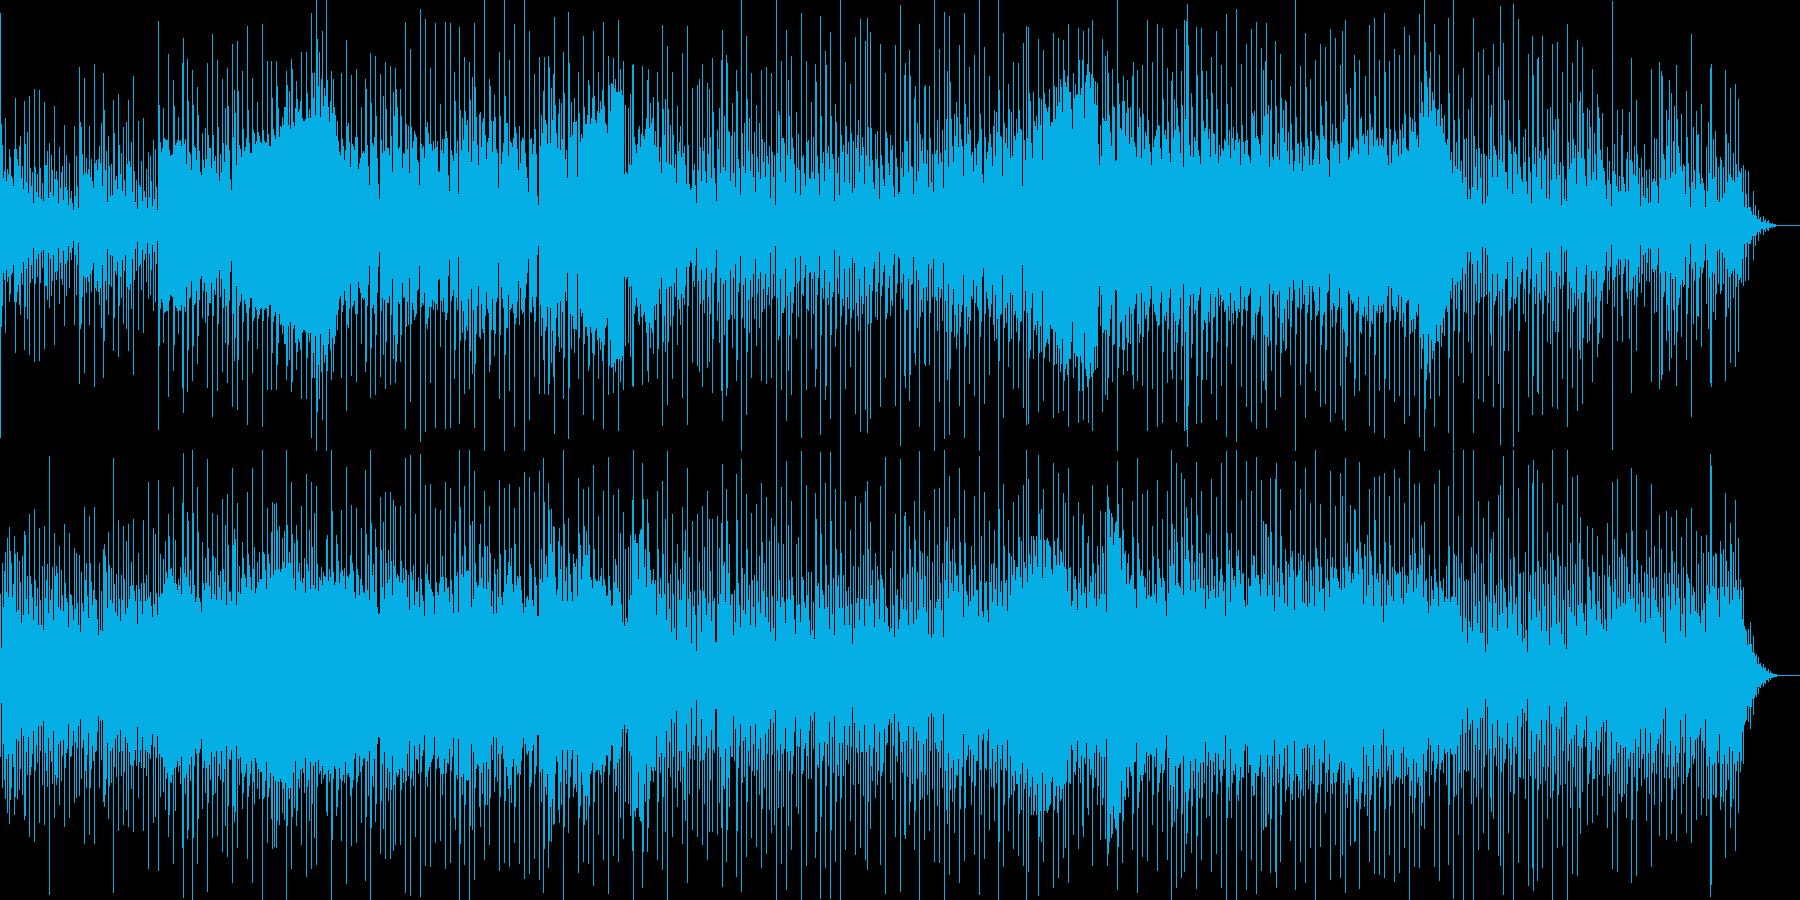 緊迫した雰囲気と疾走感のカッコイイBGMの再生済みの波形